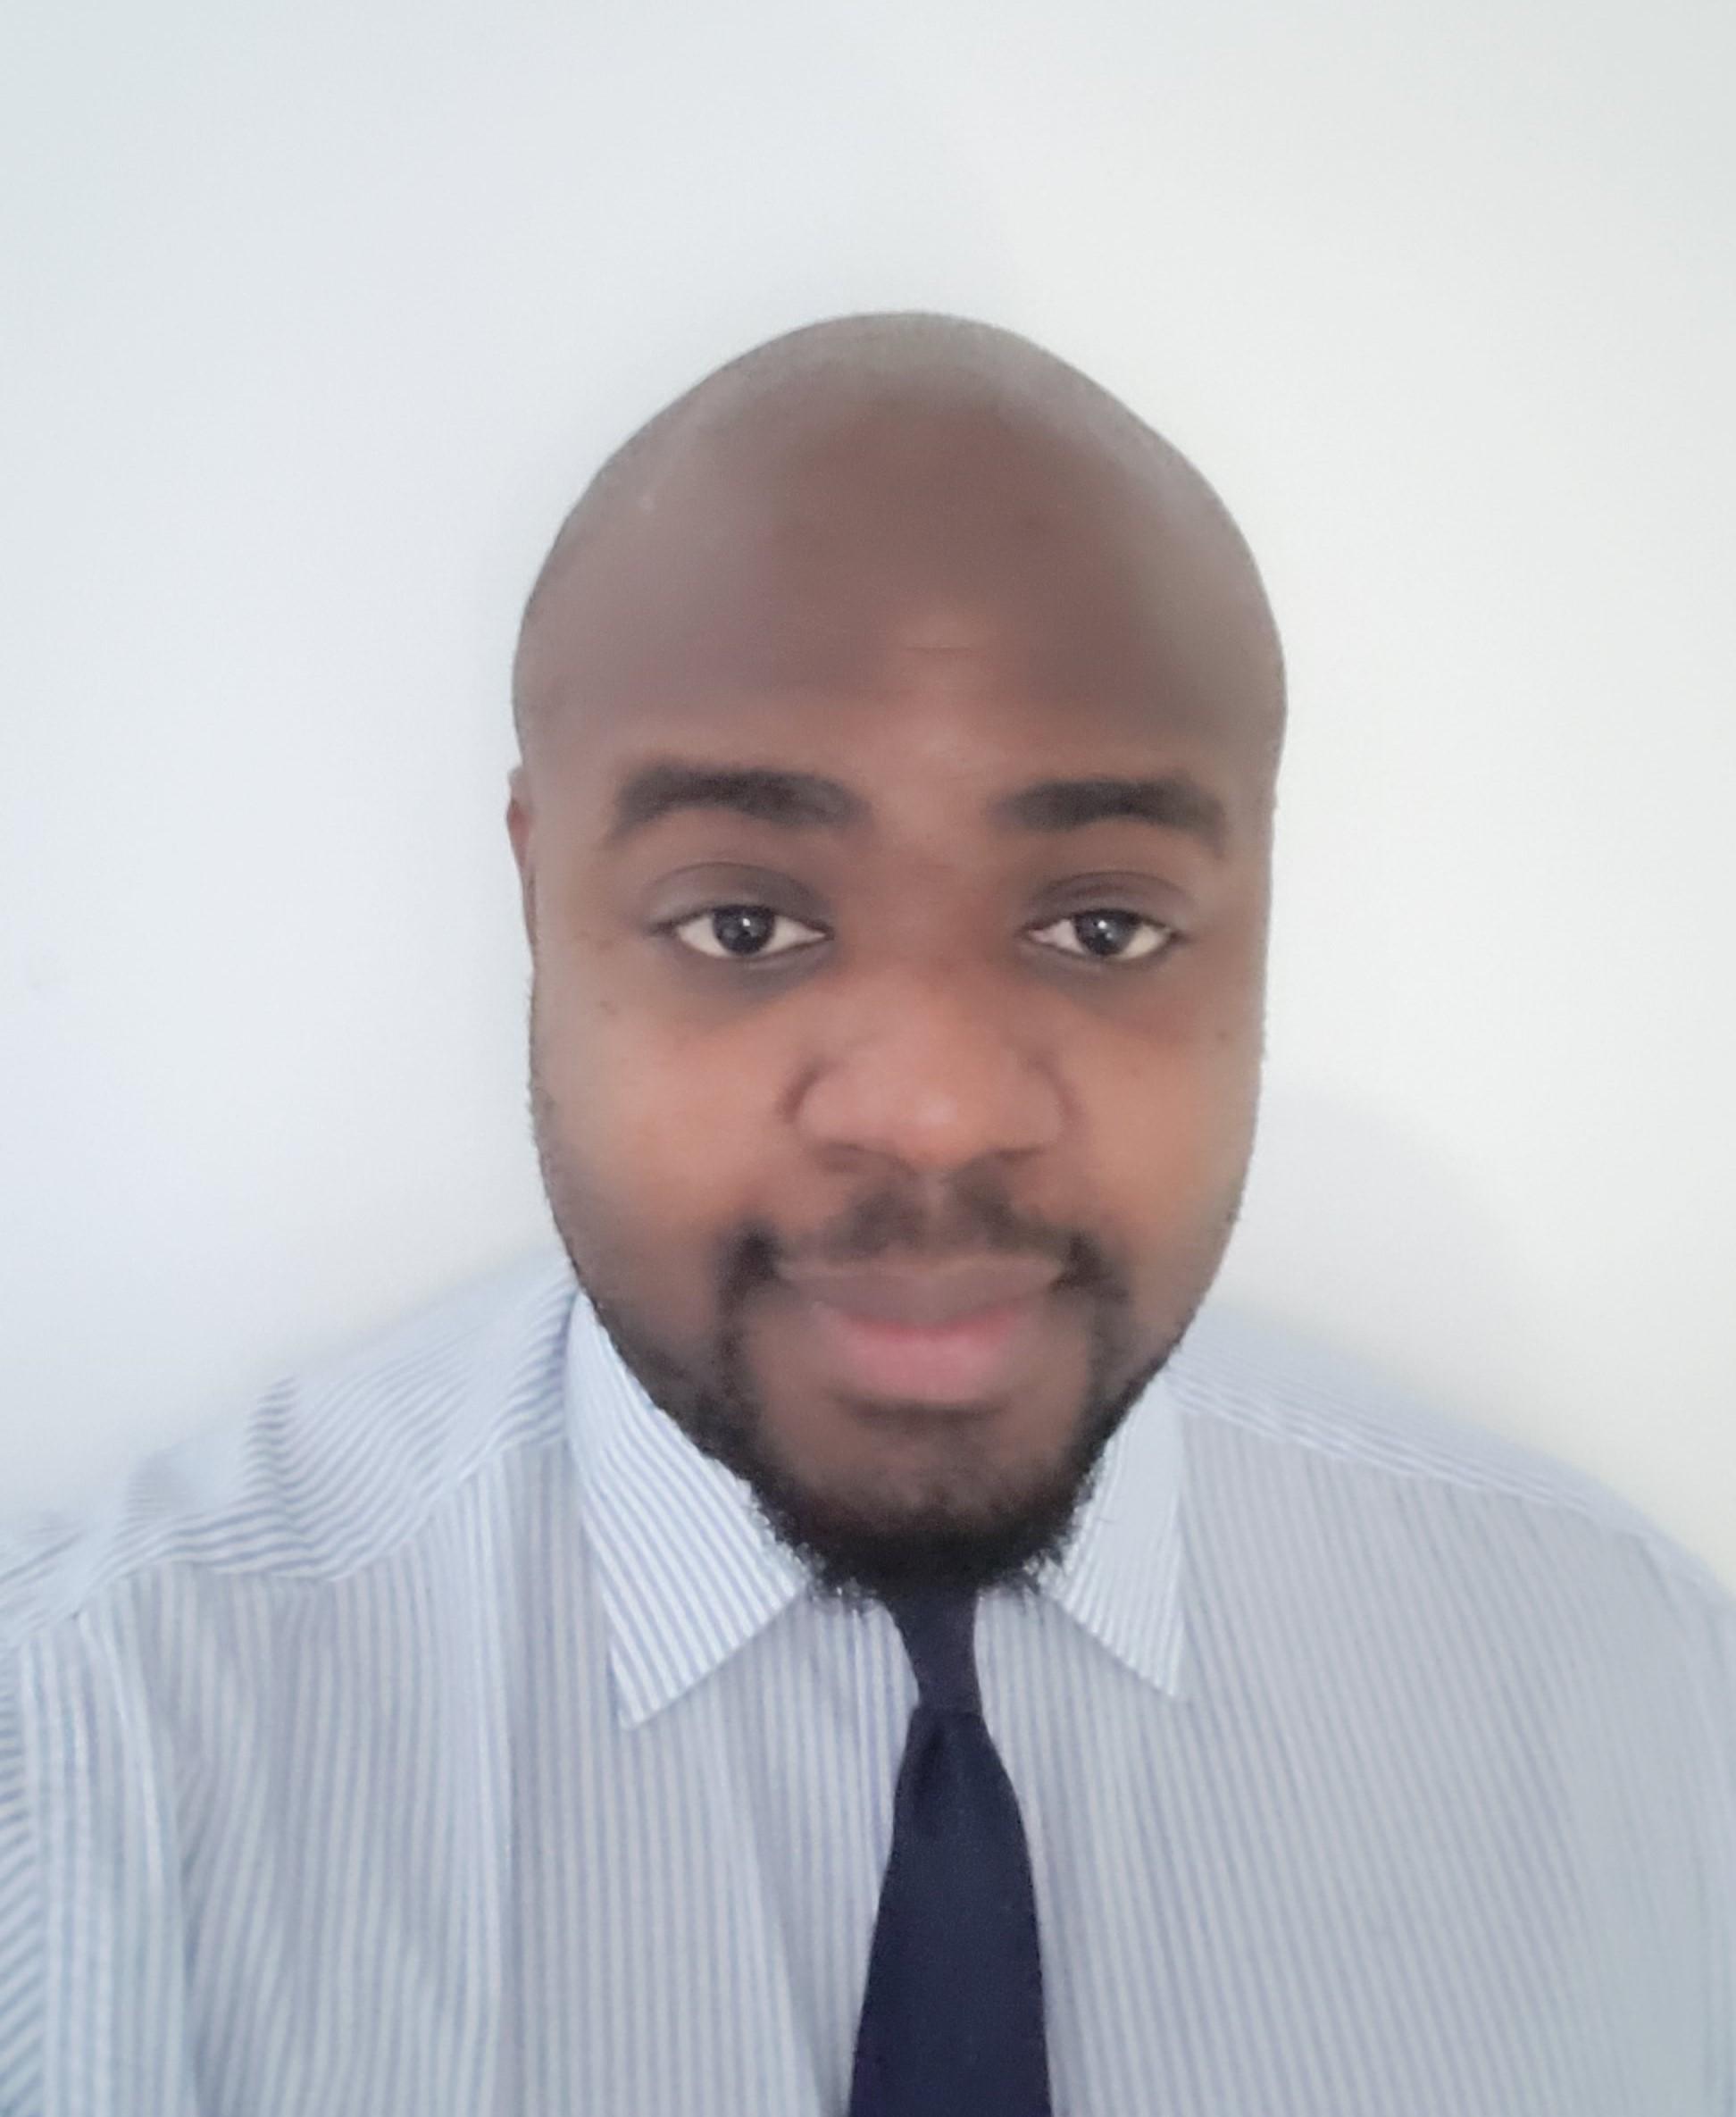 David John profile picture